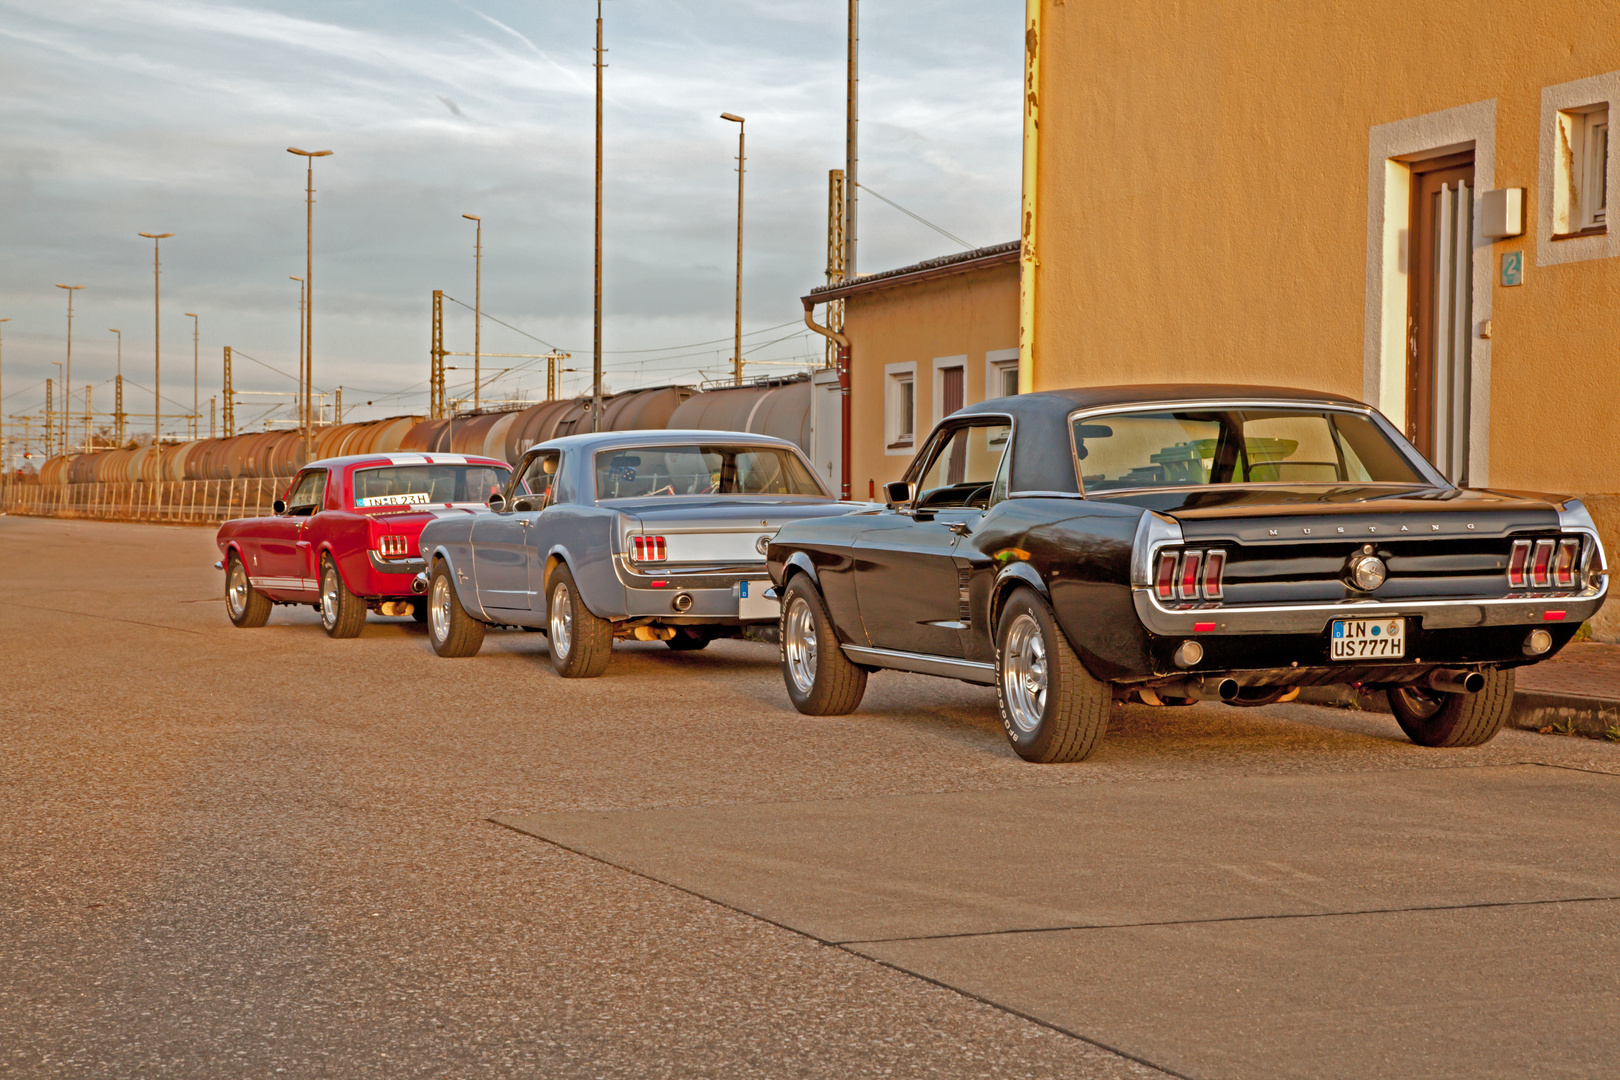 3 Ford Mustang nach Abendlichem Ausflug am Verladebahnhof